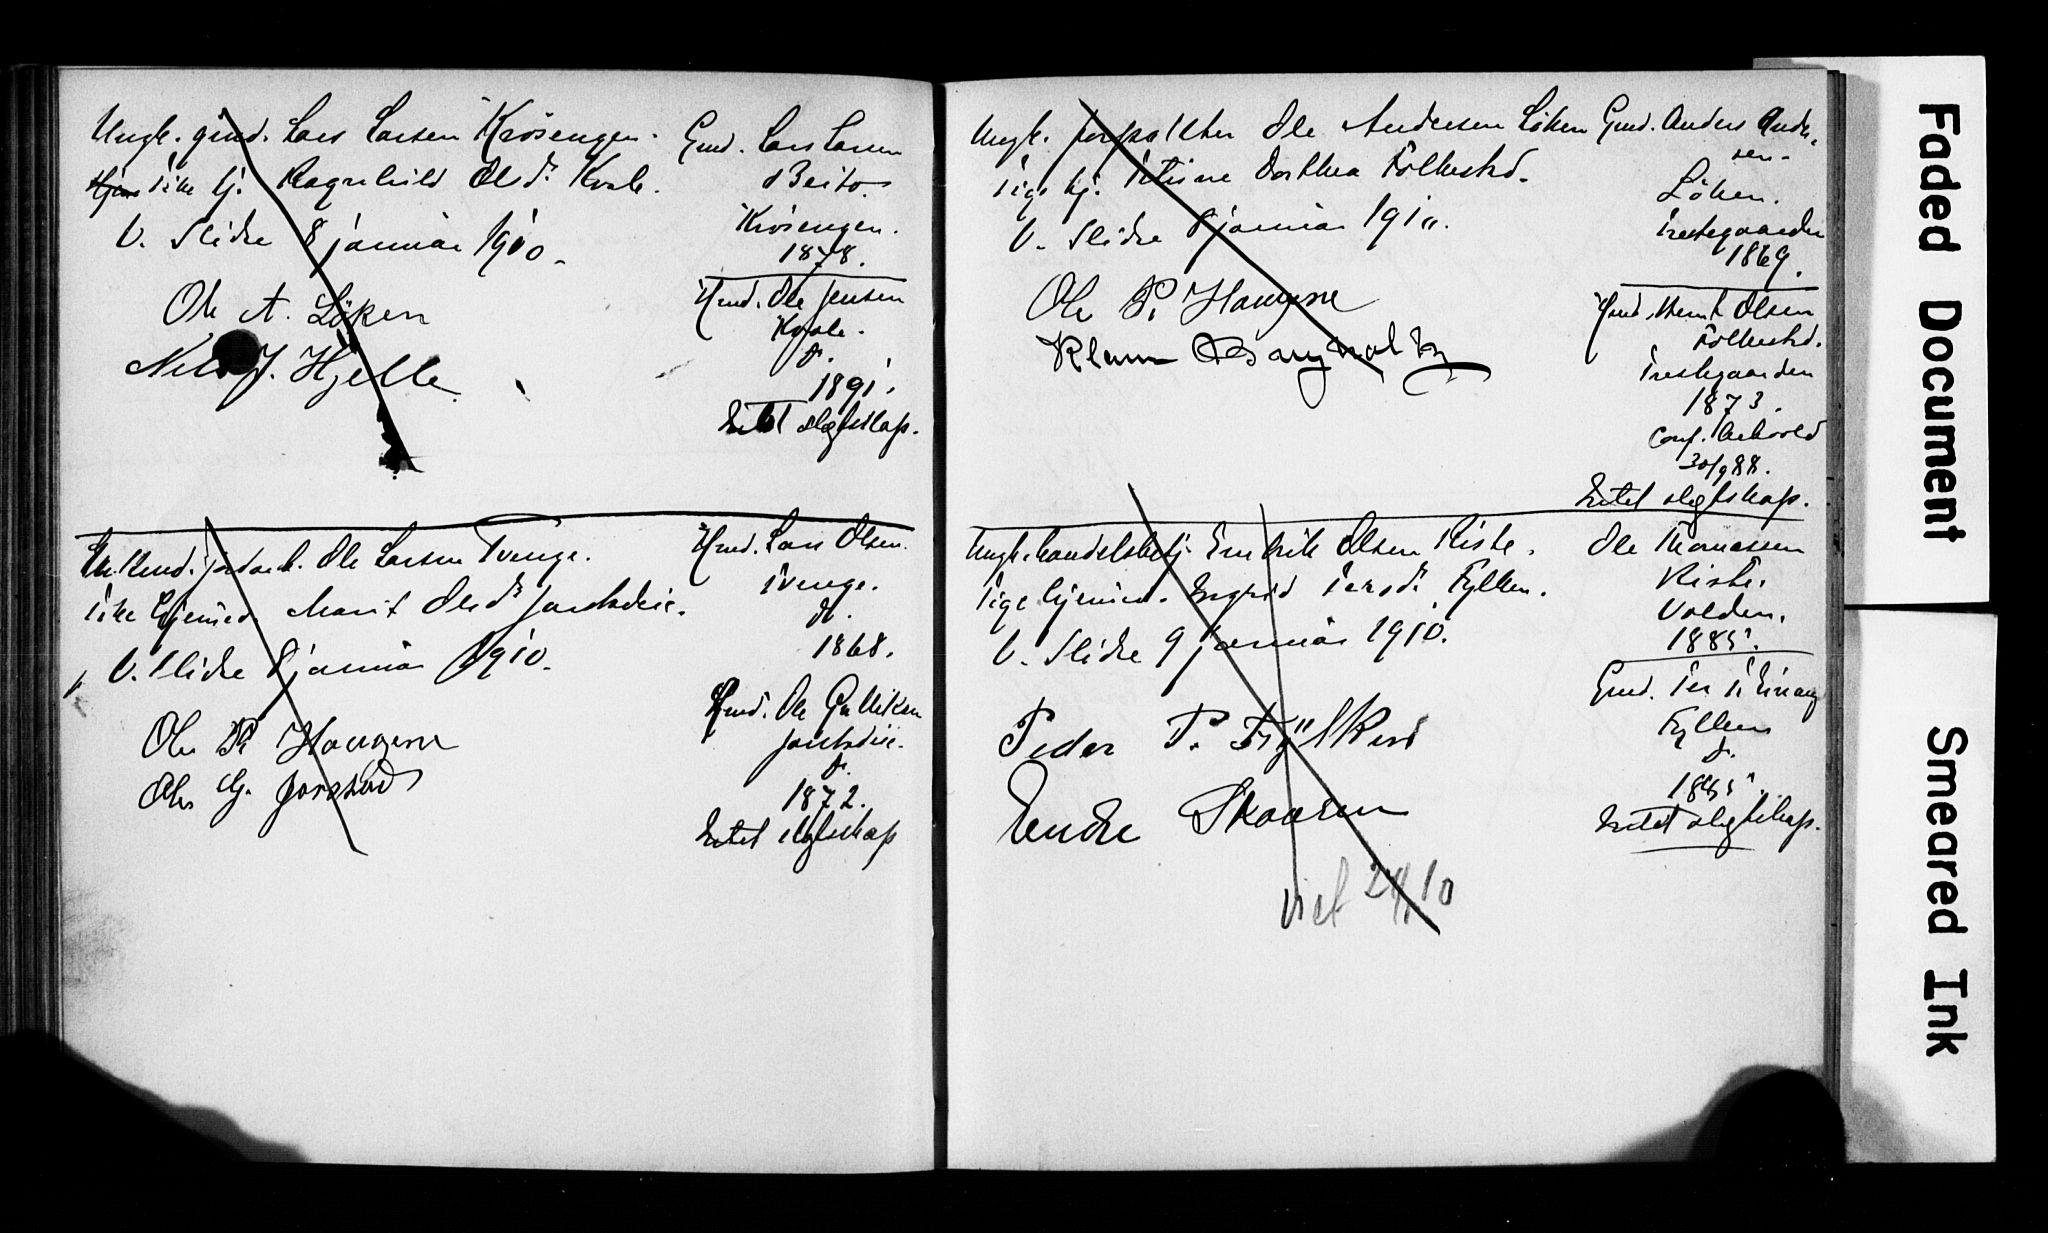 SAH, Vestre Slidre prestekontor, Lysningsprotokoll nr. 1, 1881-1919